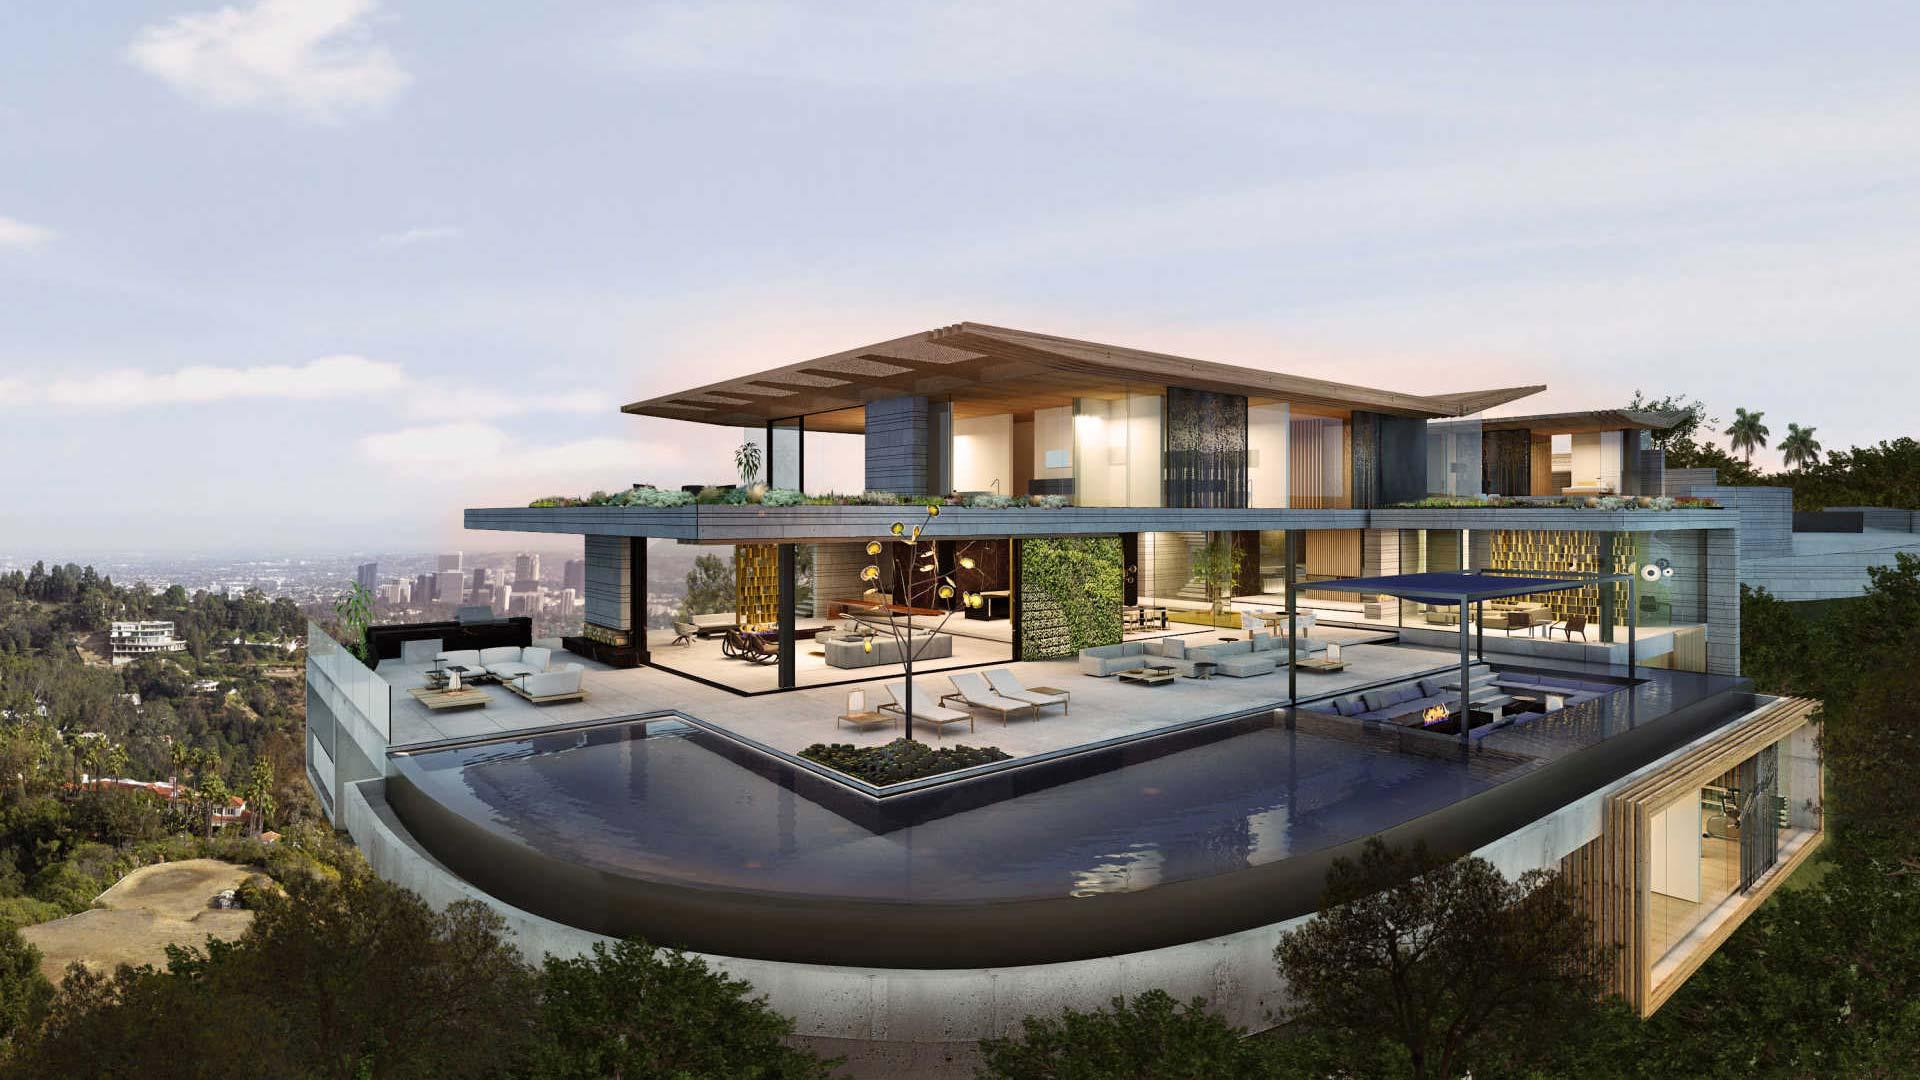 Immobili di lusso a Los Angeles: i punti salienti di Lukinski - Complotti fino a 6,5 milioni di dollari!